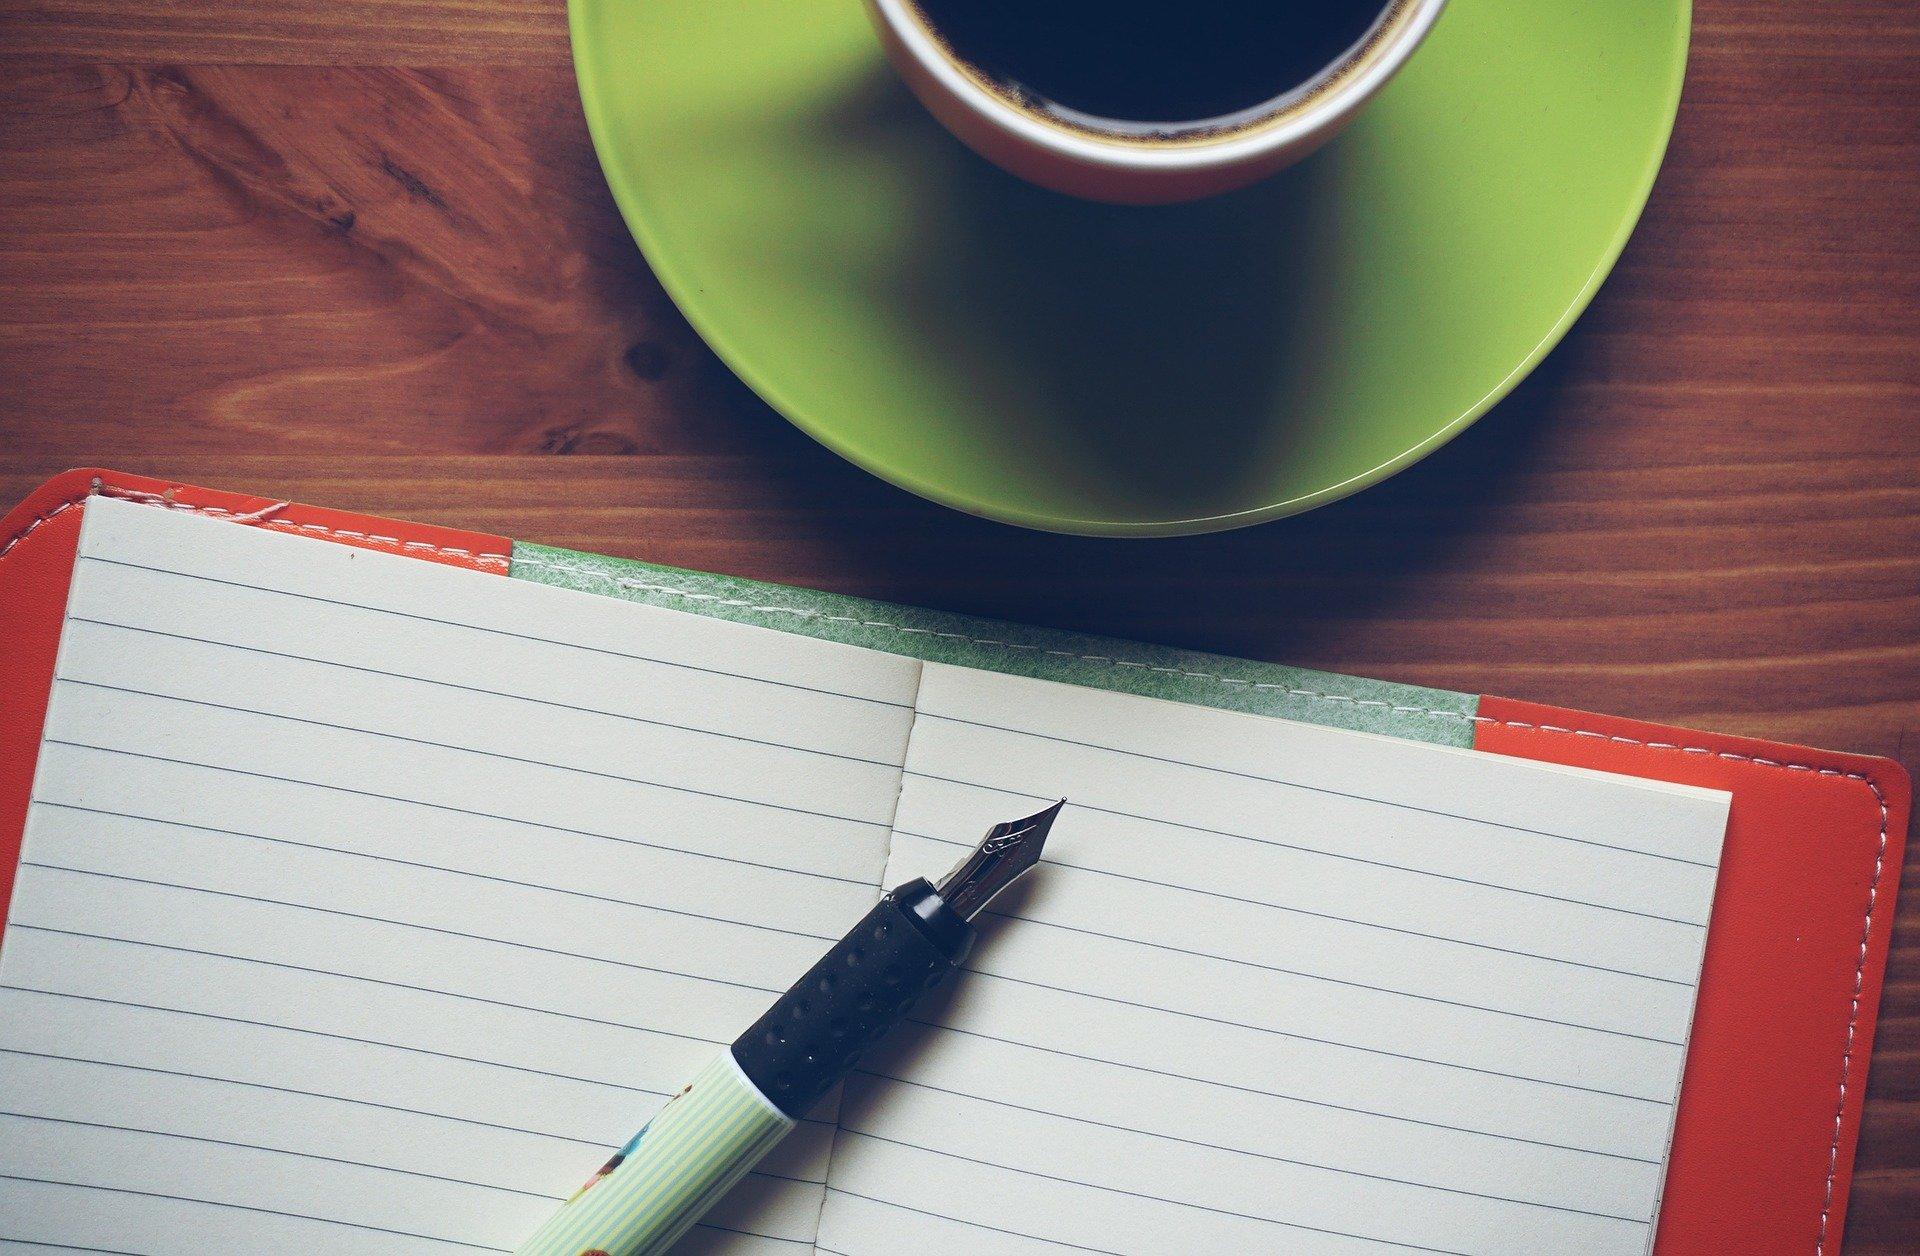 履歴書の書き方とは?転職・退職理由を記入するポイントを解説!【例文あり】の画像3